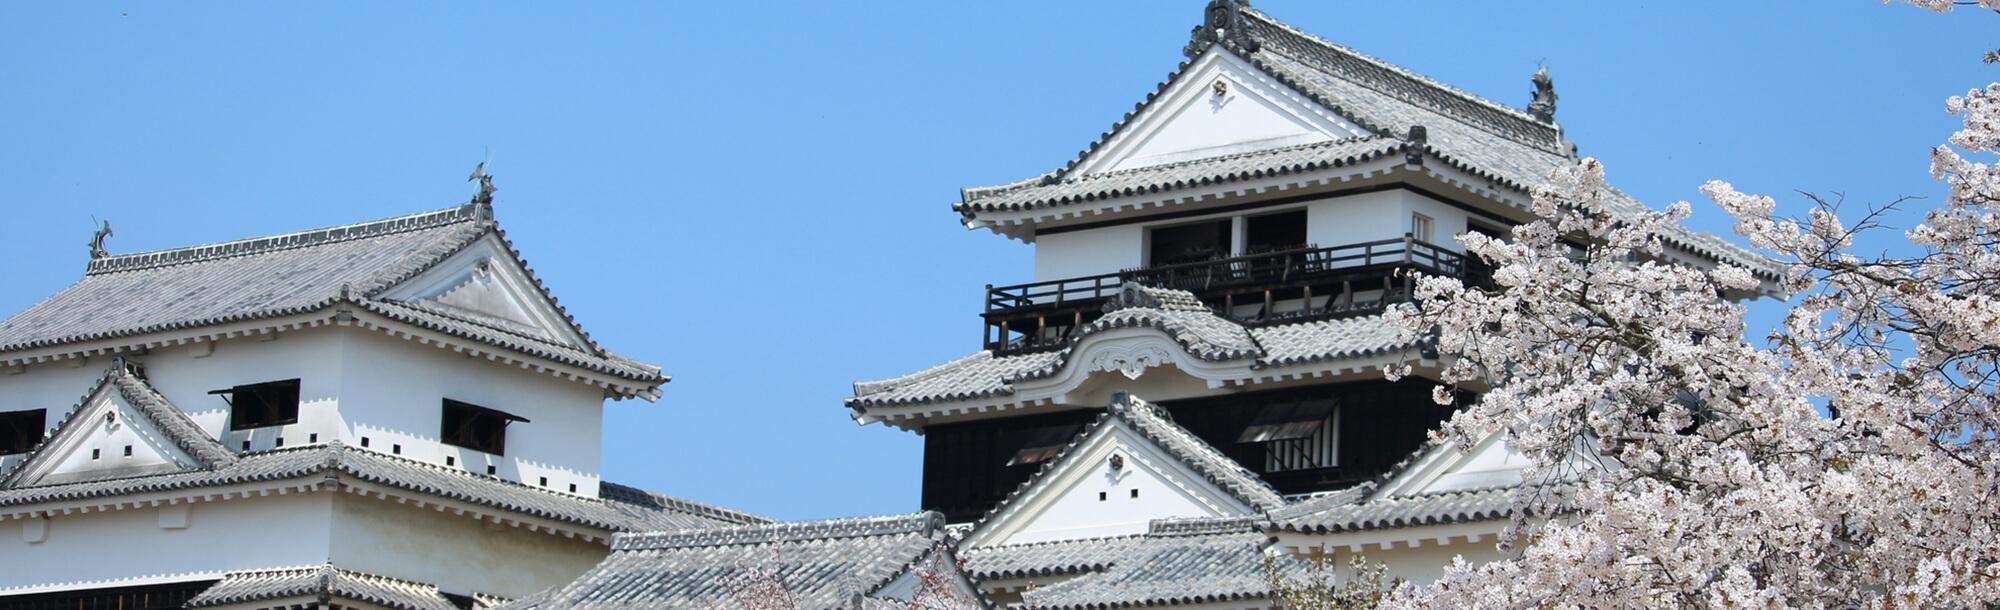 愛媛県観光